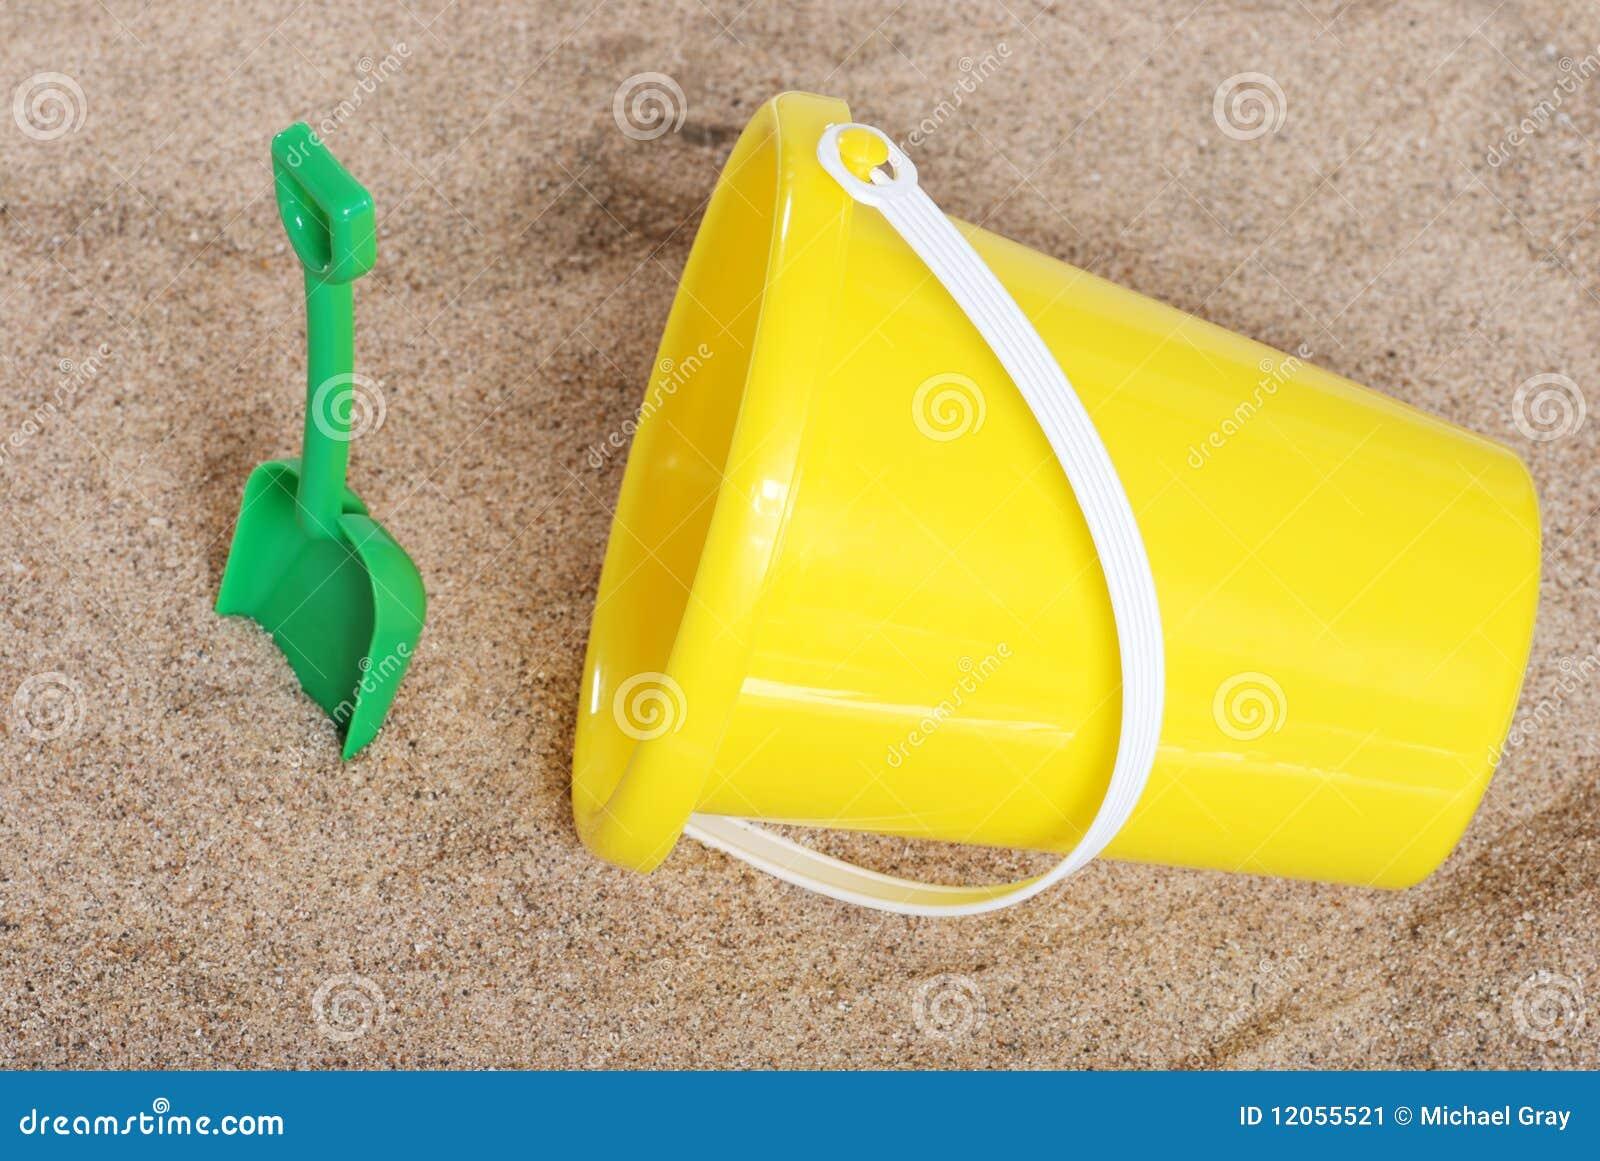 seau et pelle dans le sable image stock image 12055521. Black Bedroom Furniture Sets. Home Design Ideas